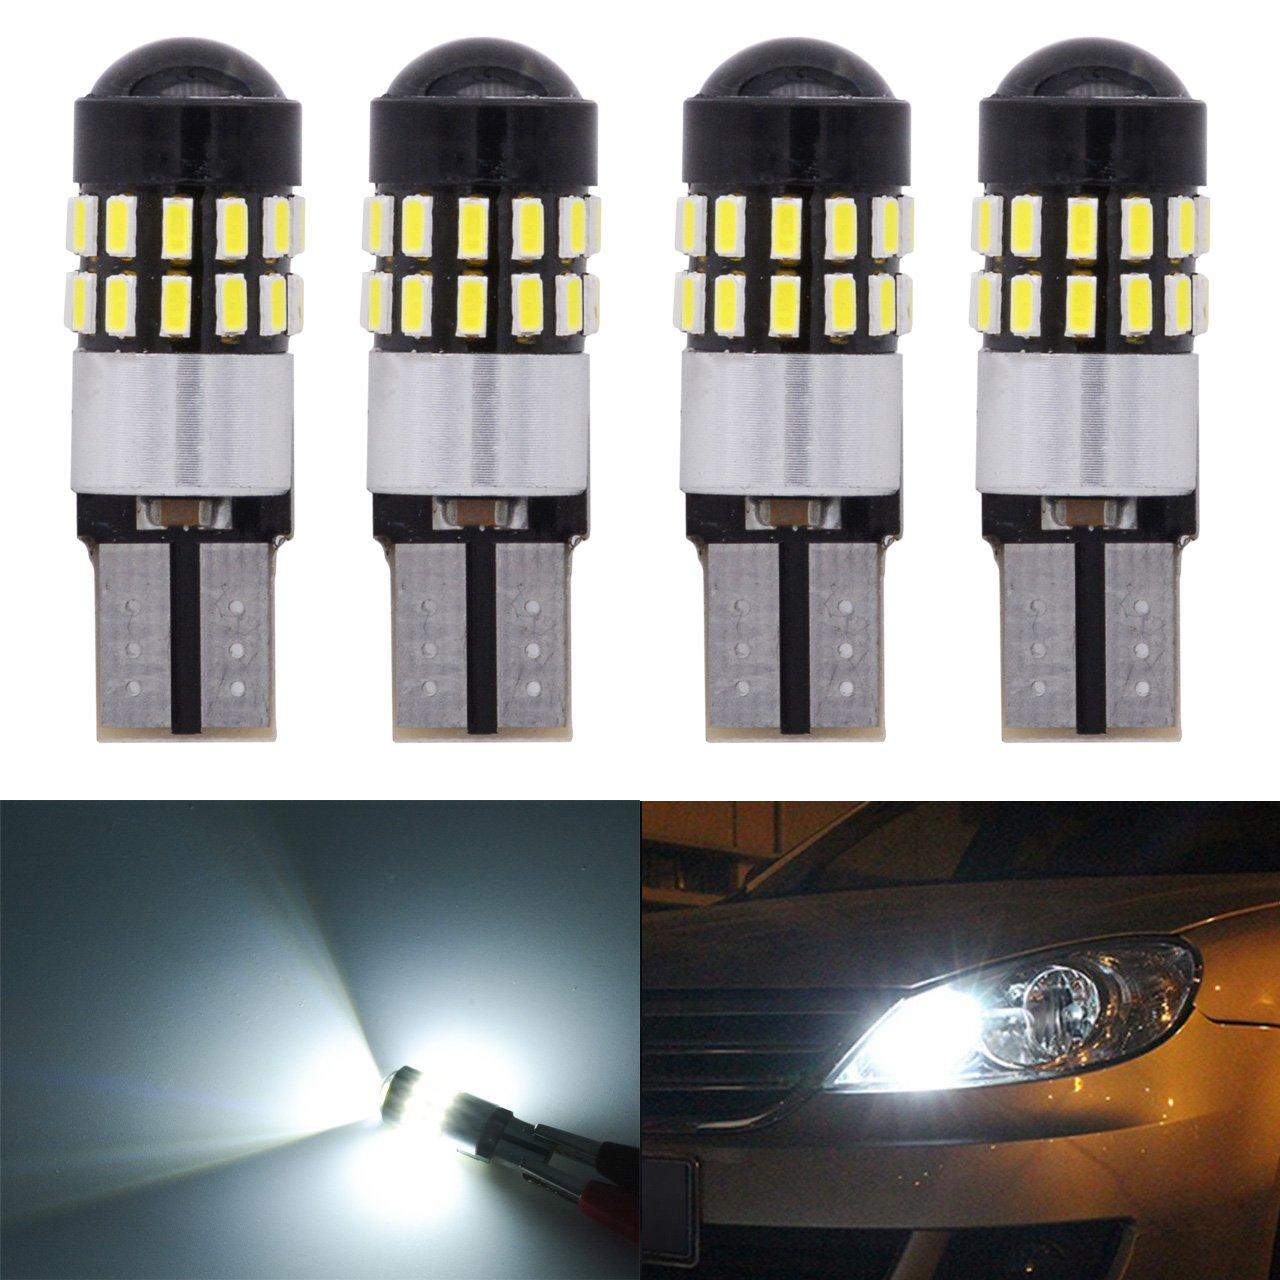 KaTur T10 168 175 194 2825 W5 W lampadine LED CanBus Erro free 3014 30SMD Lens 300LUMENS super luminose DC 12 V interno faretto luce di servizio, targa laterale luci allo xeno bianco 2,7 W (confezione da 2) 2AM-CL-1217-White